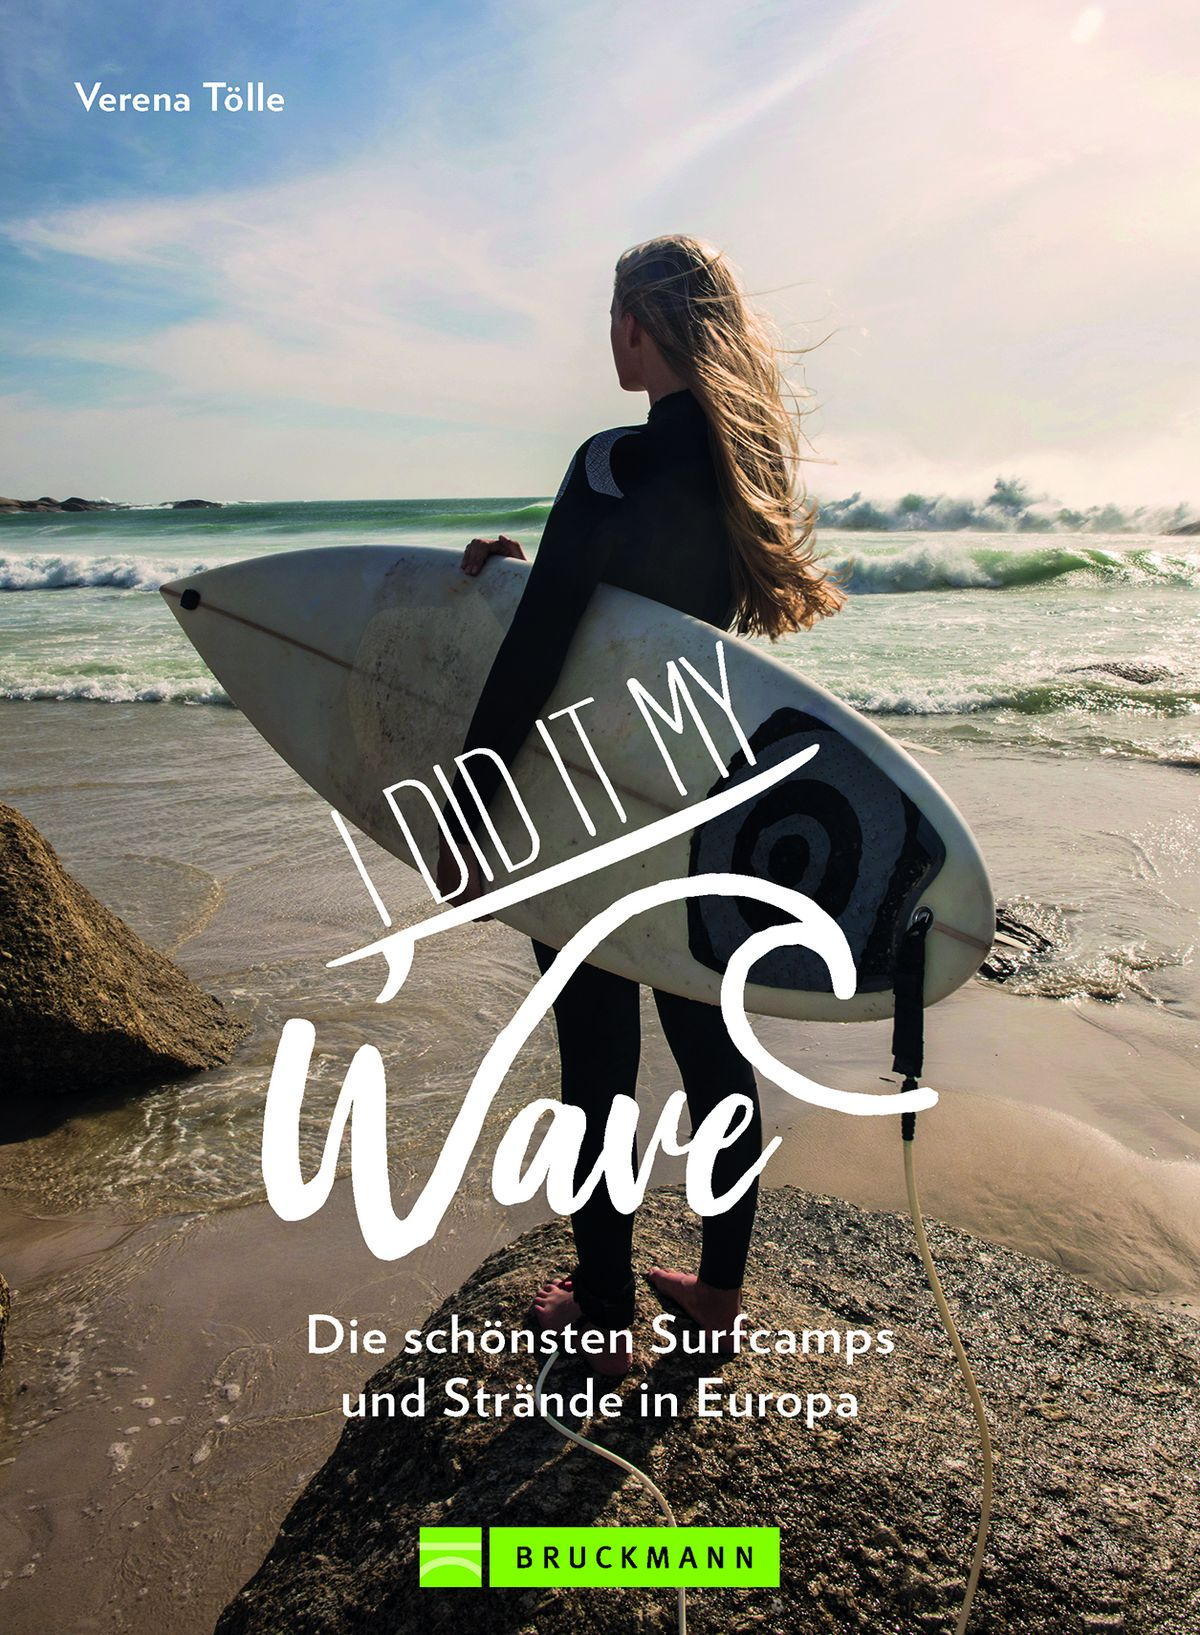 Verena Tölle | I did it my wave! 224 Seiten | ca. 200 Abb. | 24,99 Euro ISBN: 978-3-7343-2077-4